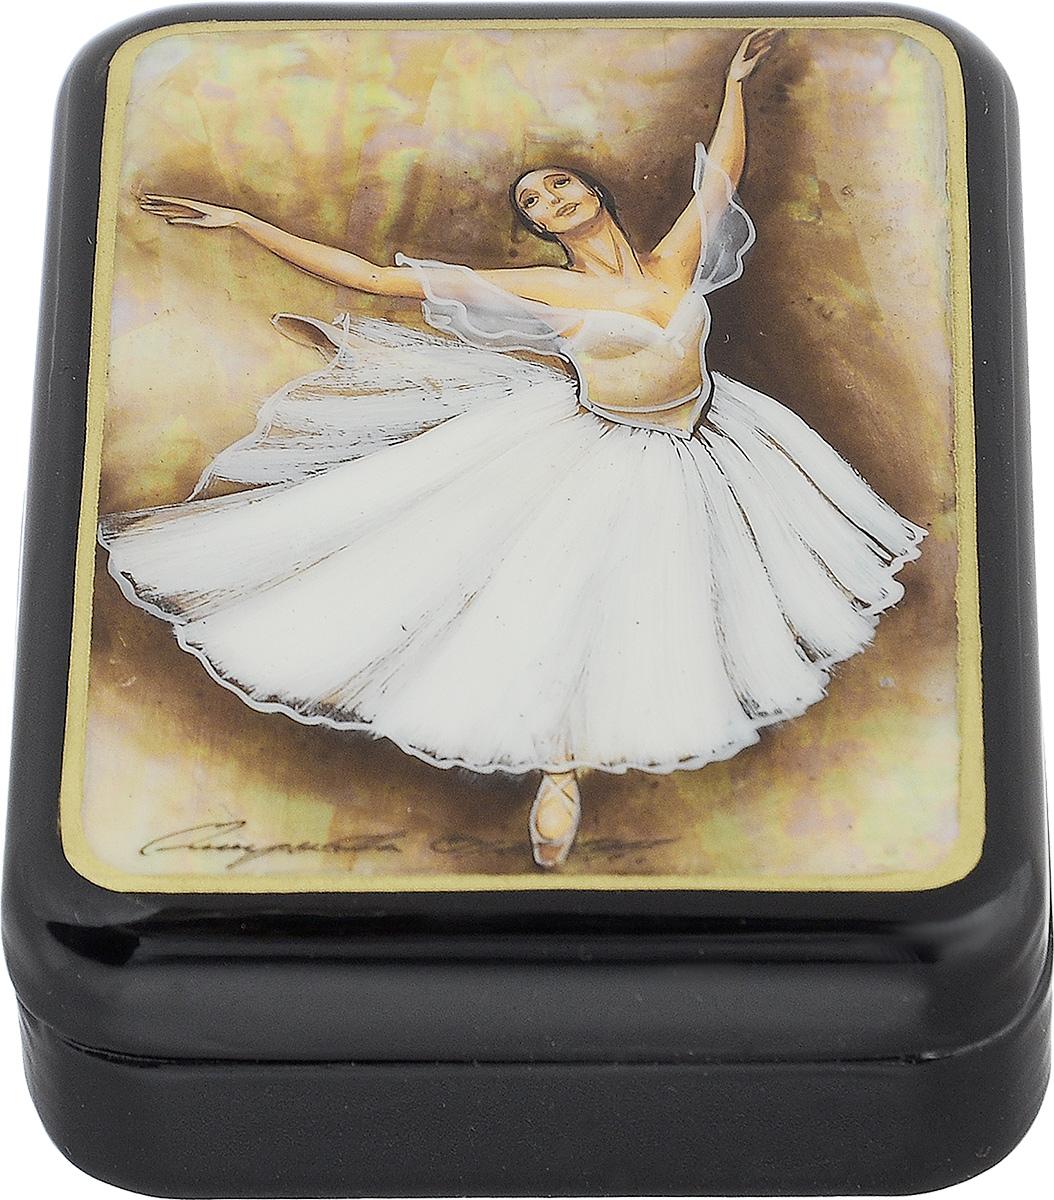 Шкатулка Балерина в прыжке, 9 см х 7 см. Ручная авторская работа847367Лаковая миниатюрная шкатулка ручной работы Федоскино Балерина в прыжке выполнена в форме обтекаемого прямоугольника. Сюжет на крышке шкатулки - танец балерины. Это высококачественная роспись по перламутру, благодаря которому все изображение переливается светом в зависимости от освещения. Под изображением и на дне шкатулки имеется авторская подпись.Элегантная шкатулка ручной работы станет оригинальным и практичным украшением интерьера.